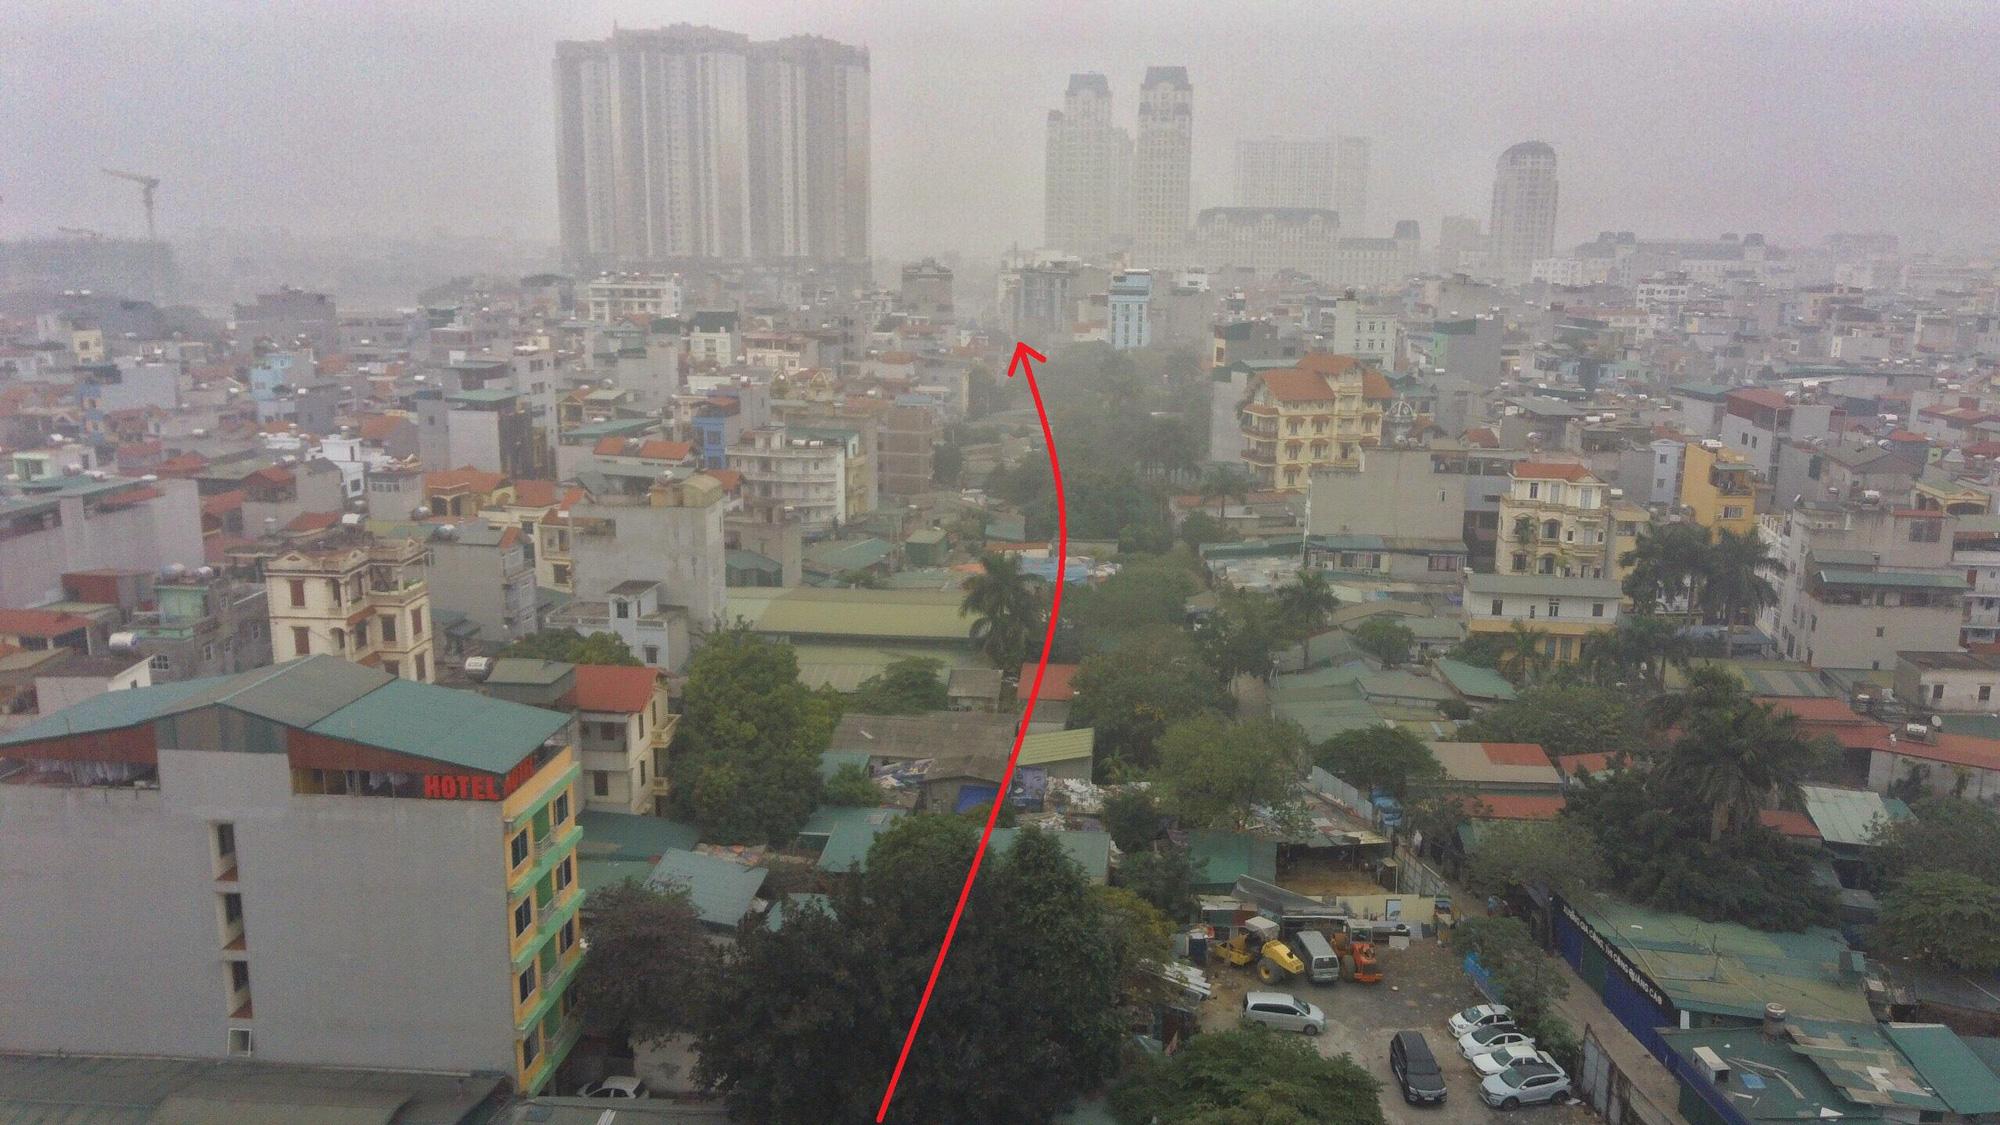 Qui hoạch giao thông Hà Nội: 4 đường sẽ mở ở phường Mễ Trì, Nam Từ Liêm - Ảnh 9.